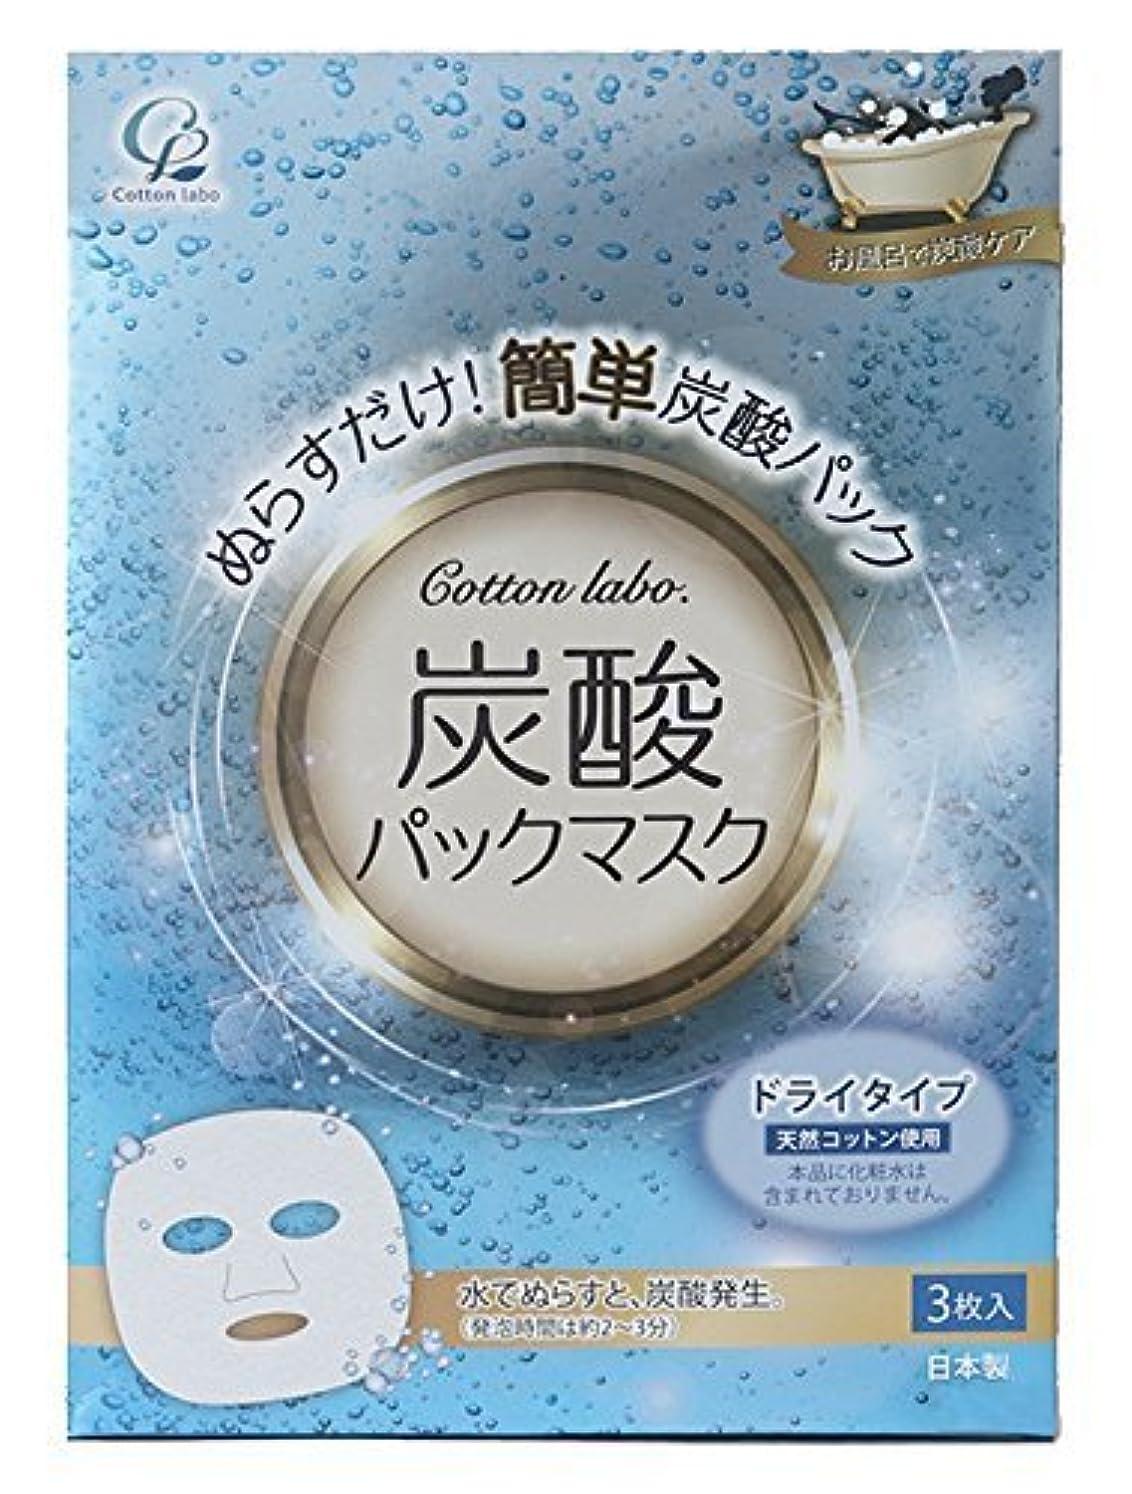 ガウンスクリュー露骨な皮膚を清浄にし 肌にはりと潤いを与える お風呂で炭酸ケア 天然コットン 炭酸パックマスク 3枚 80入り(240枚)